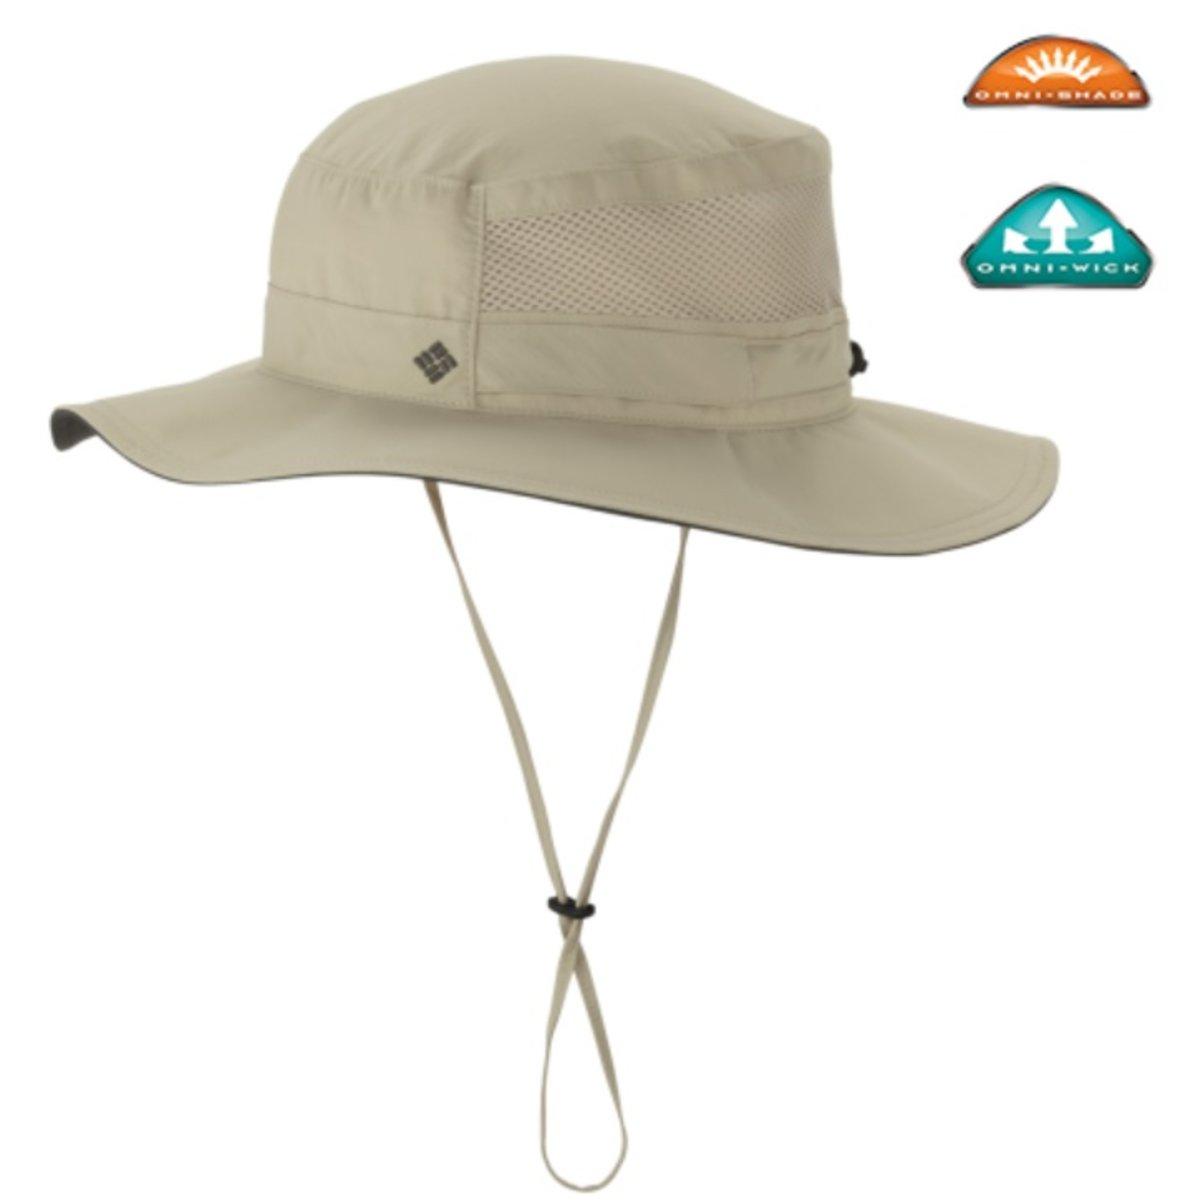 奧米速乾‧UPF50 防紫外線戶外運動太陽帽 Bora Bora Booney- Fossil 米色